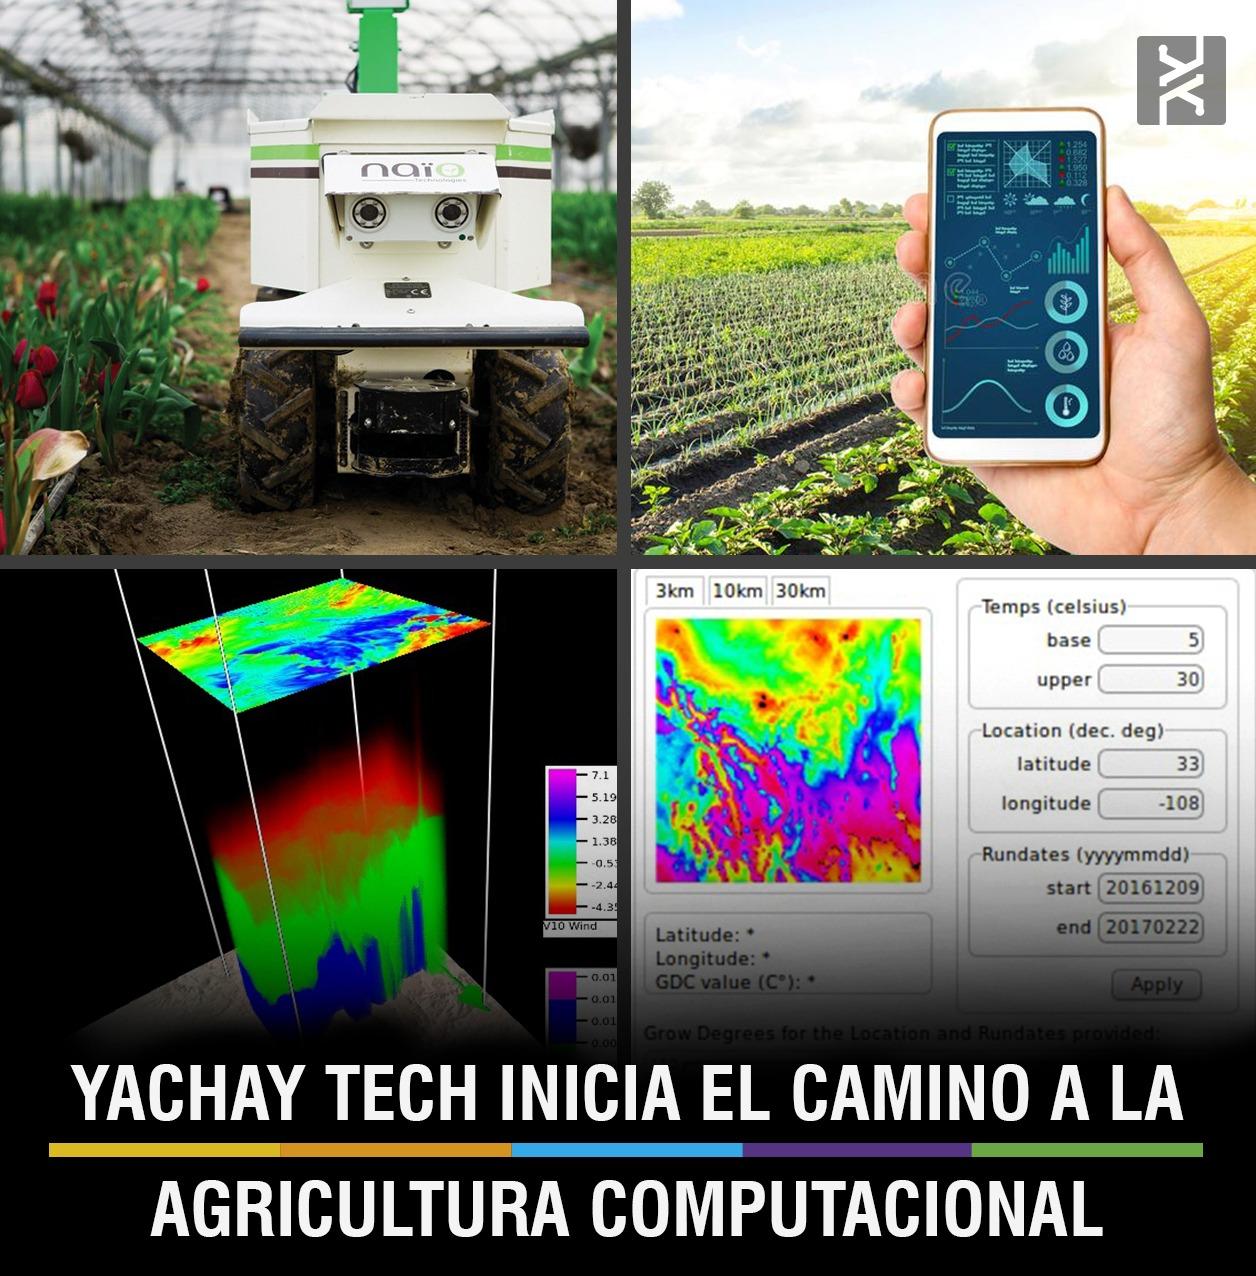 YACHAY TECH INICIA EL CAMINO A LA AGRICULTURA COMPUTACIONAL